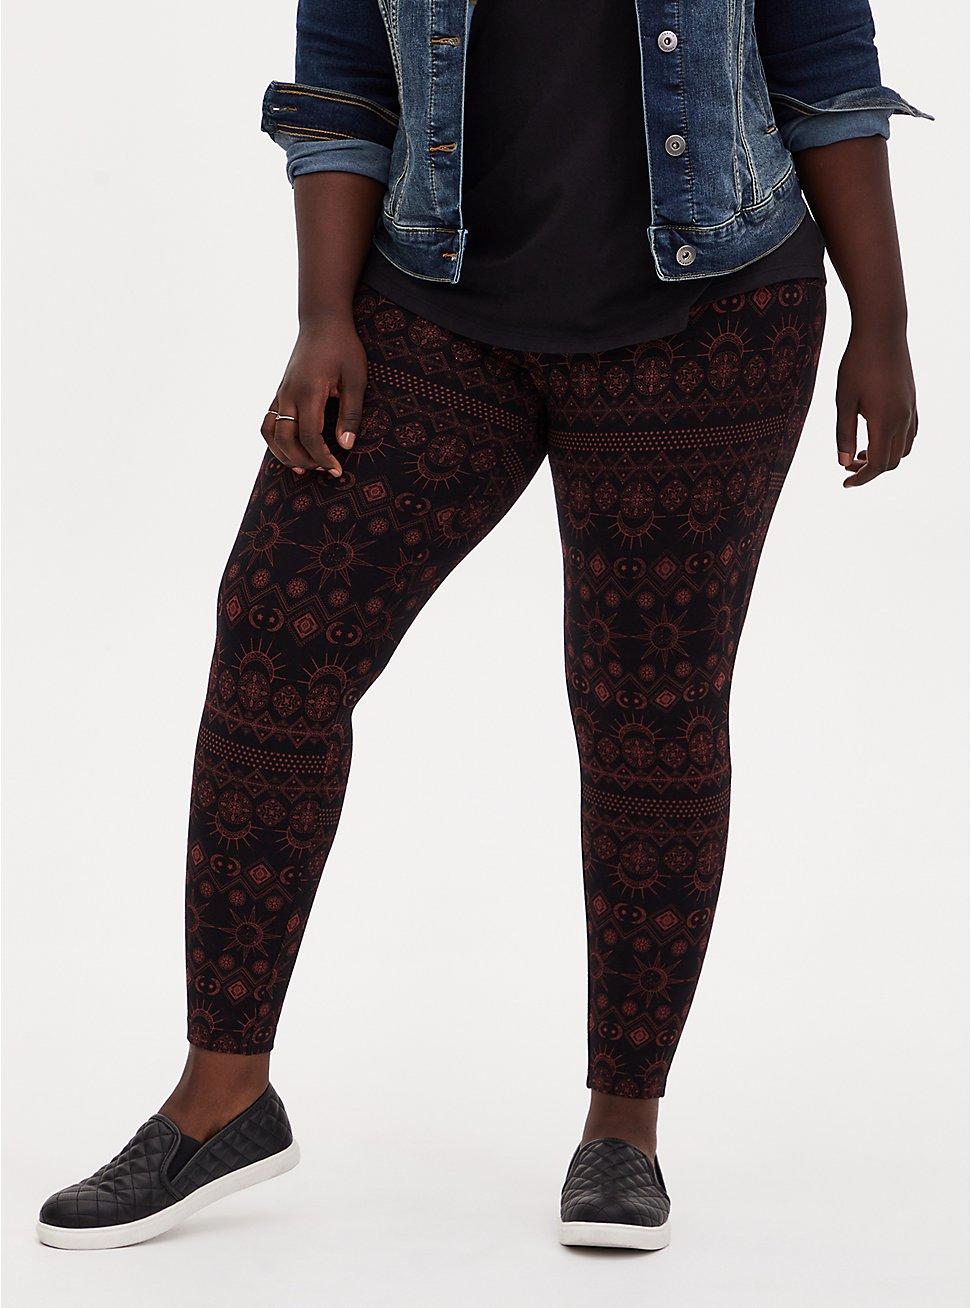 Premium Legging - Eclipse Red & Black , MULTI, hi-res